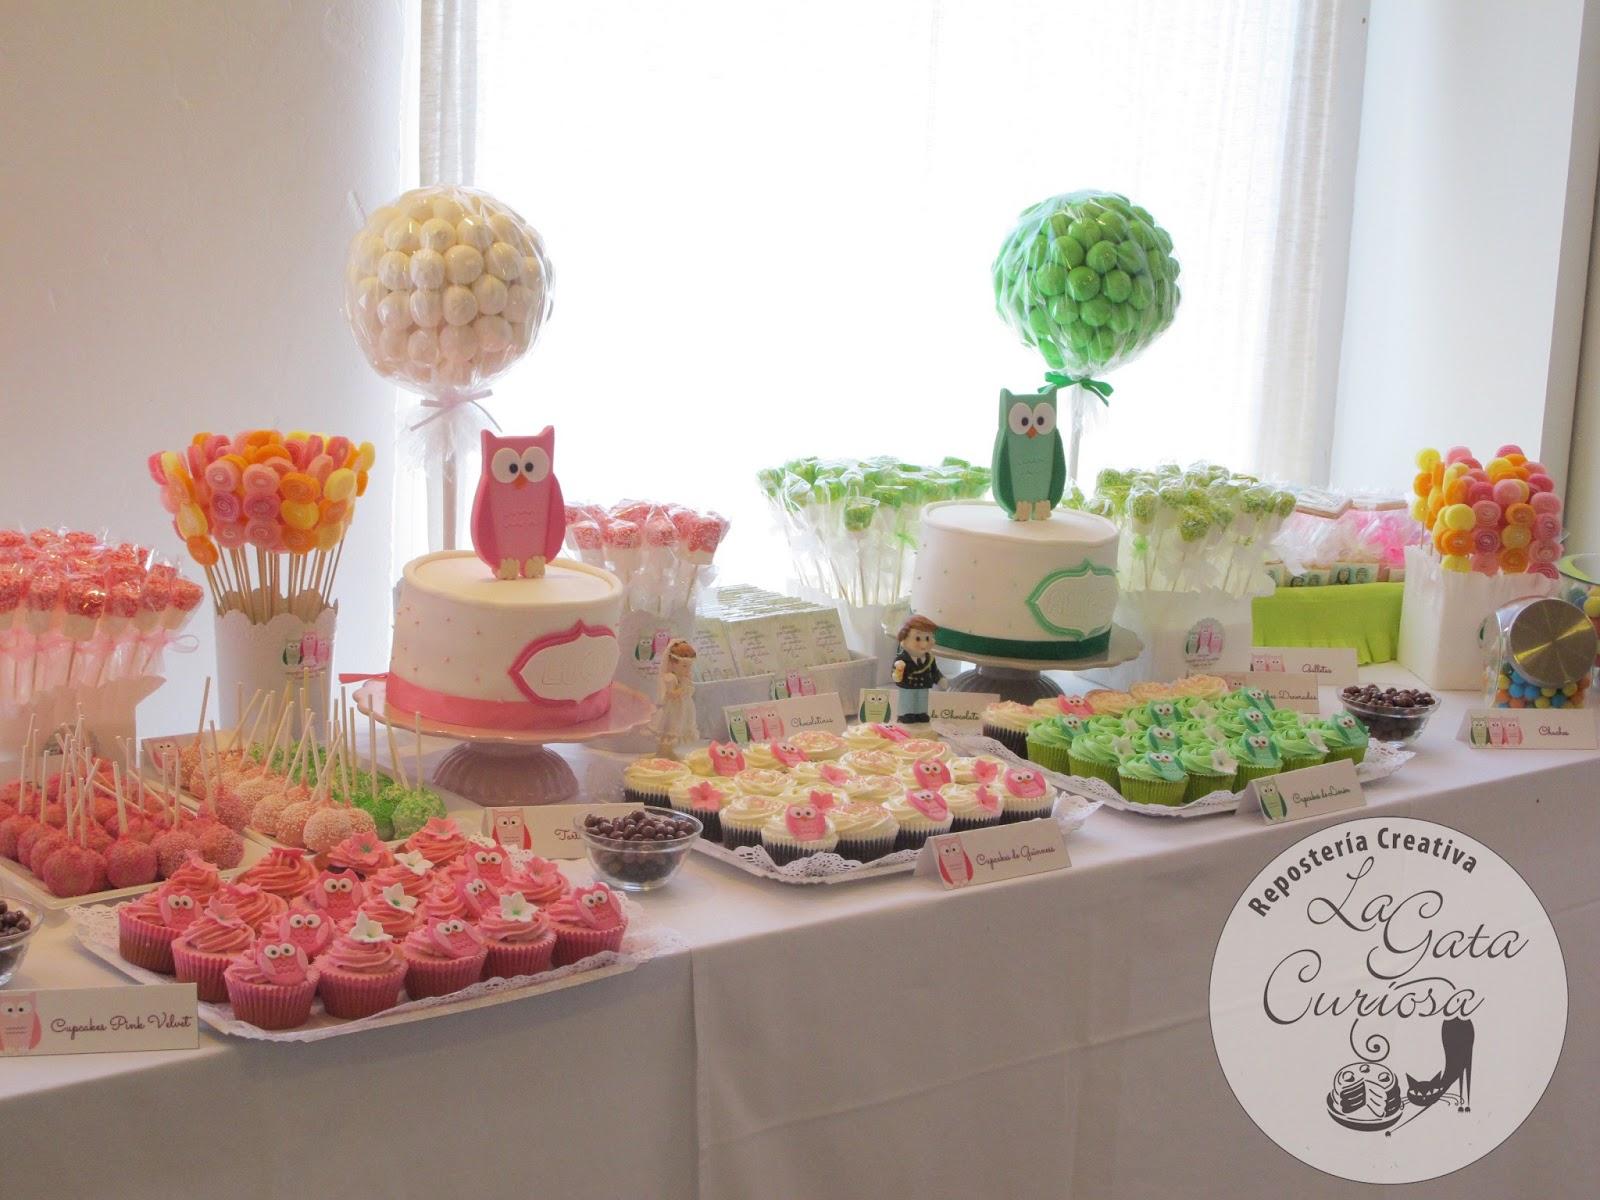 La gata curiosa mesa dulce para comunion angel lucia y el for Mesas de dulces para bodas precios